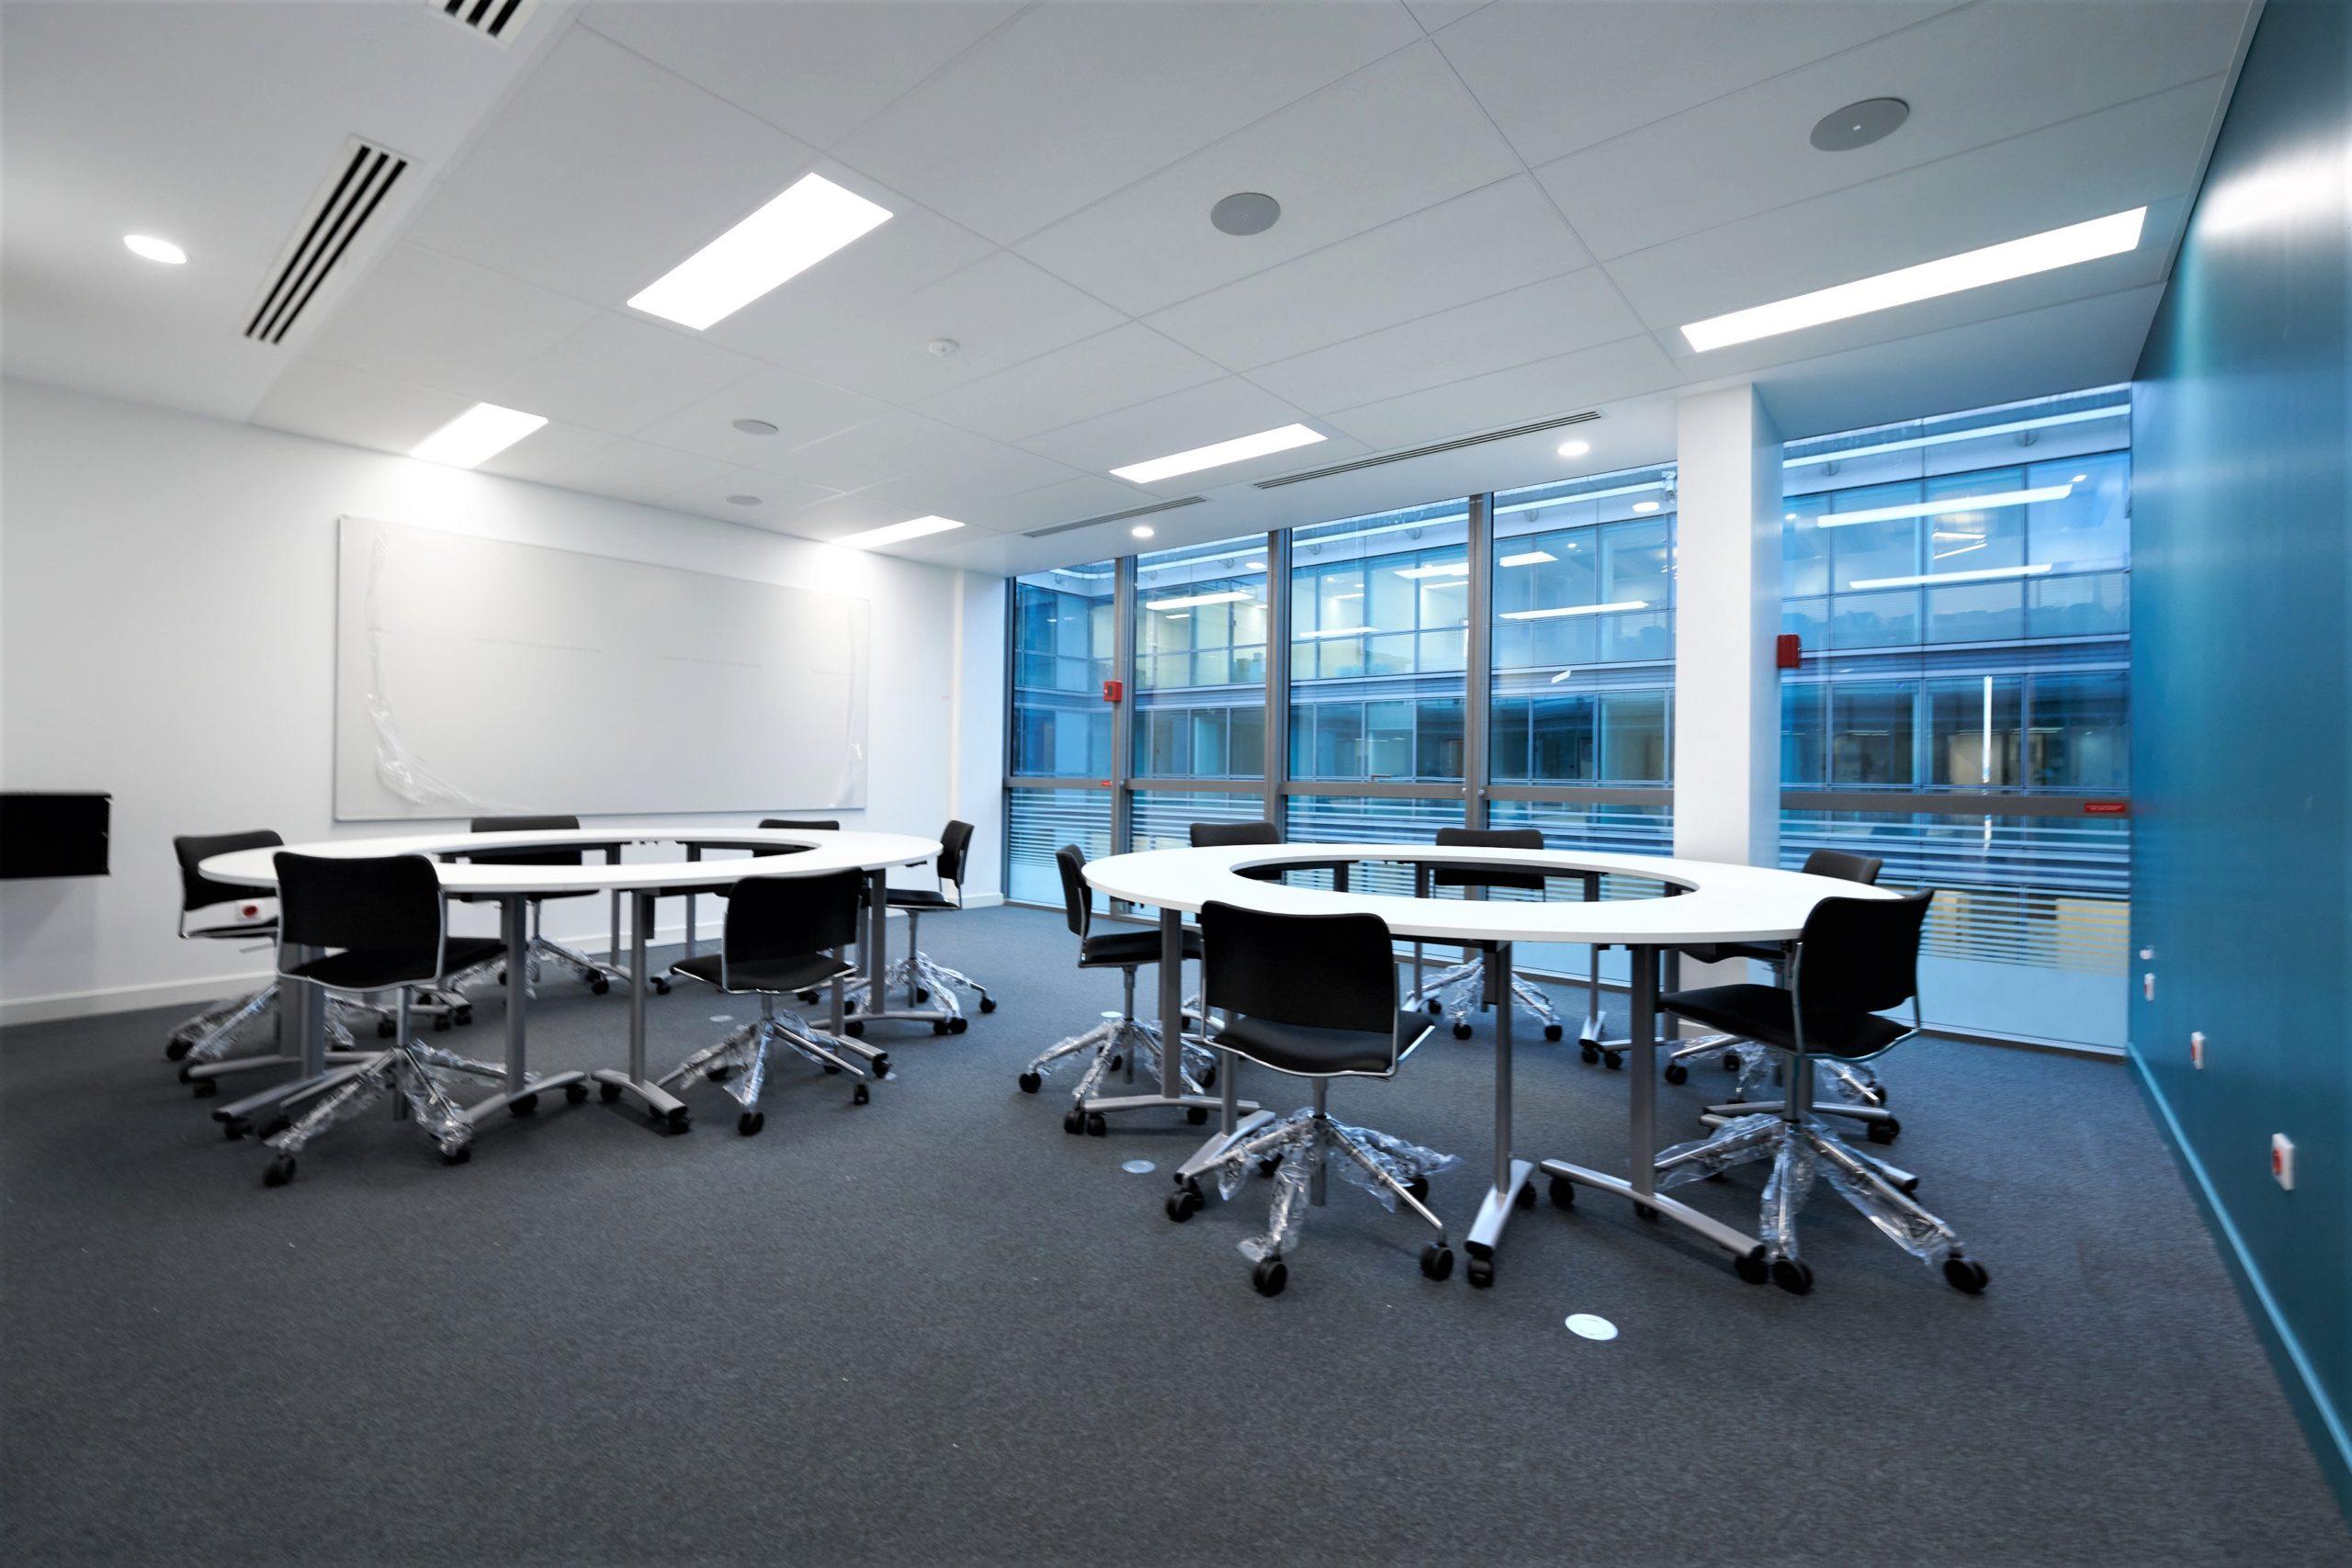 Skema-salle de travail-table sur mesure-fauteuil à roulettes